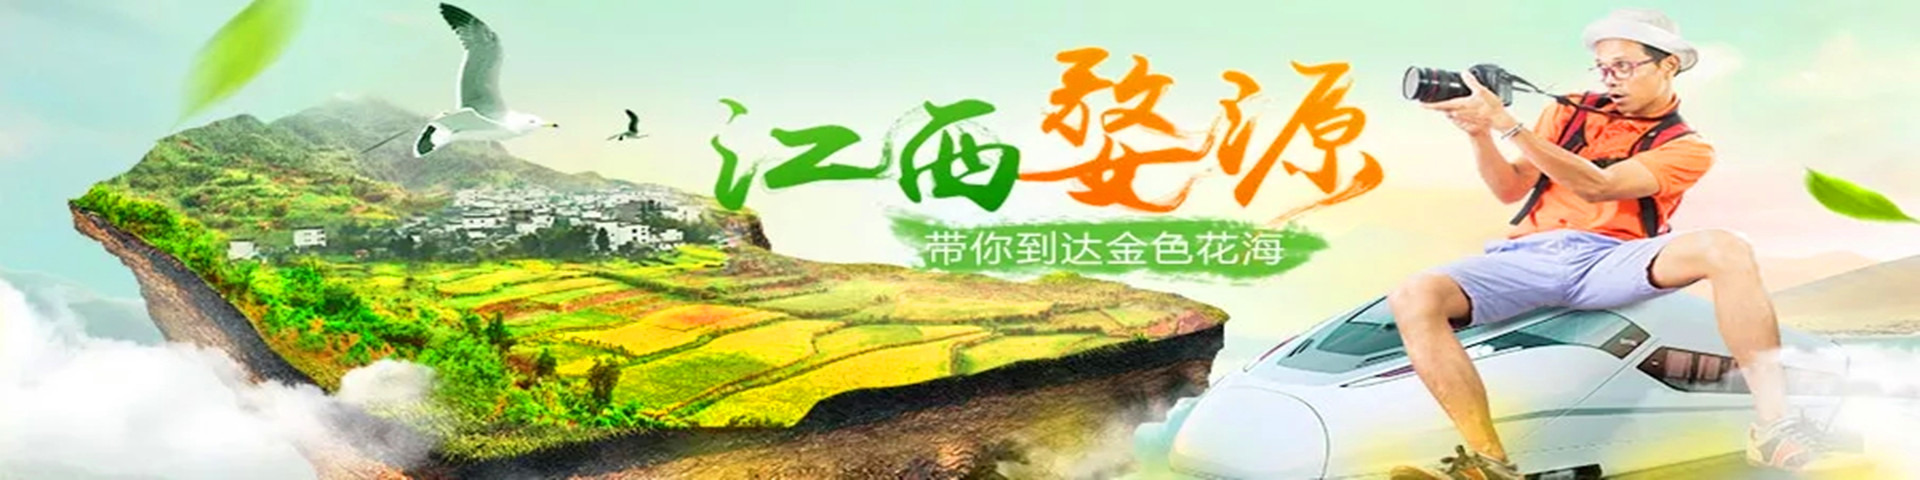 黄山+婺源经典4日3晚跟团游(山上住一晚)